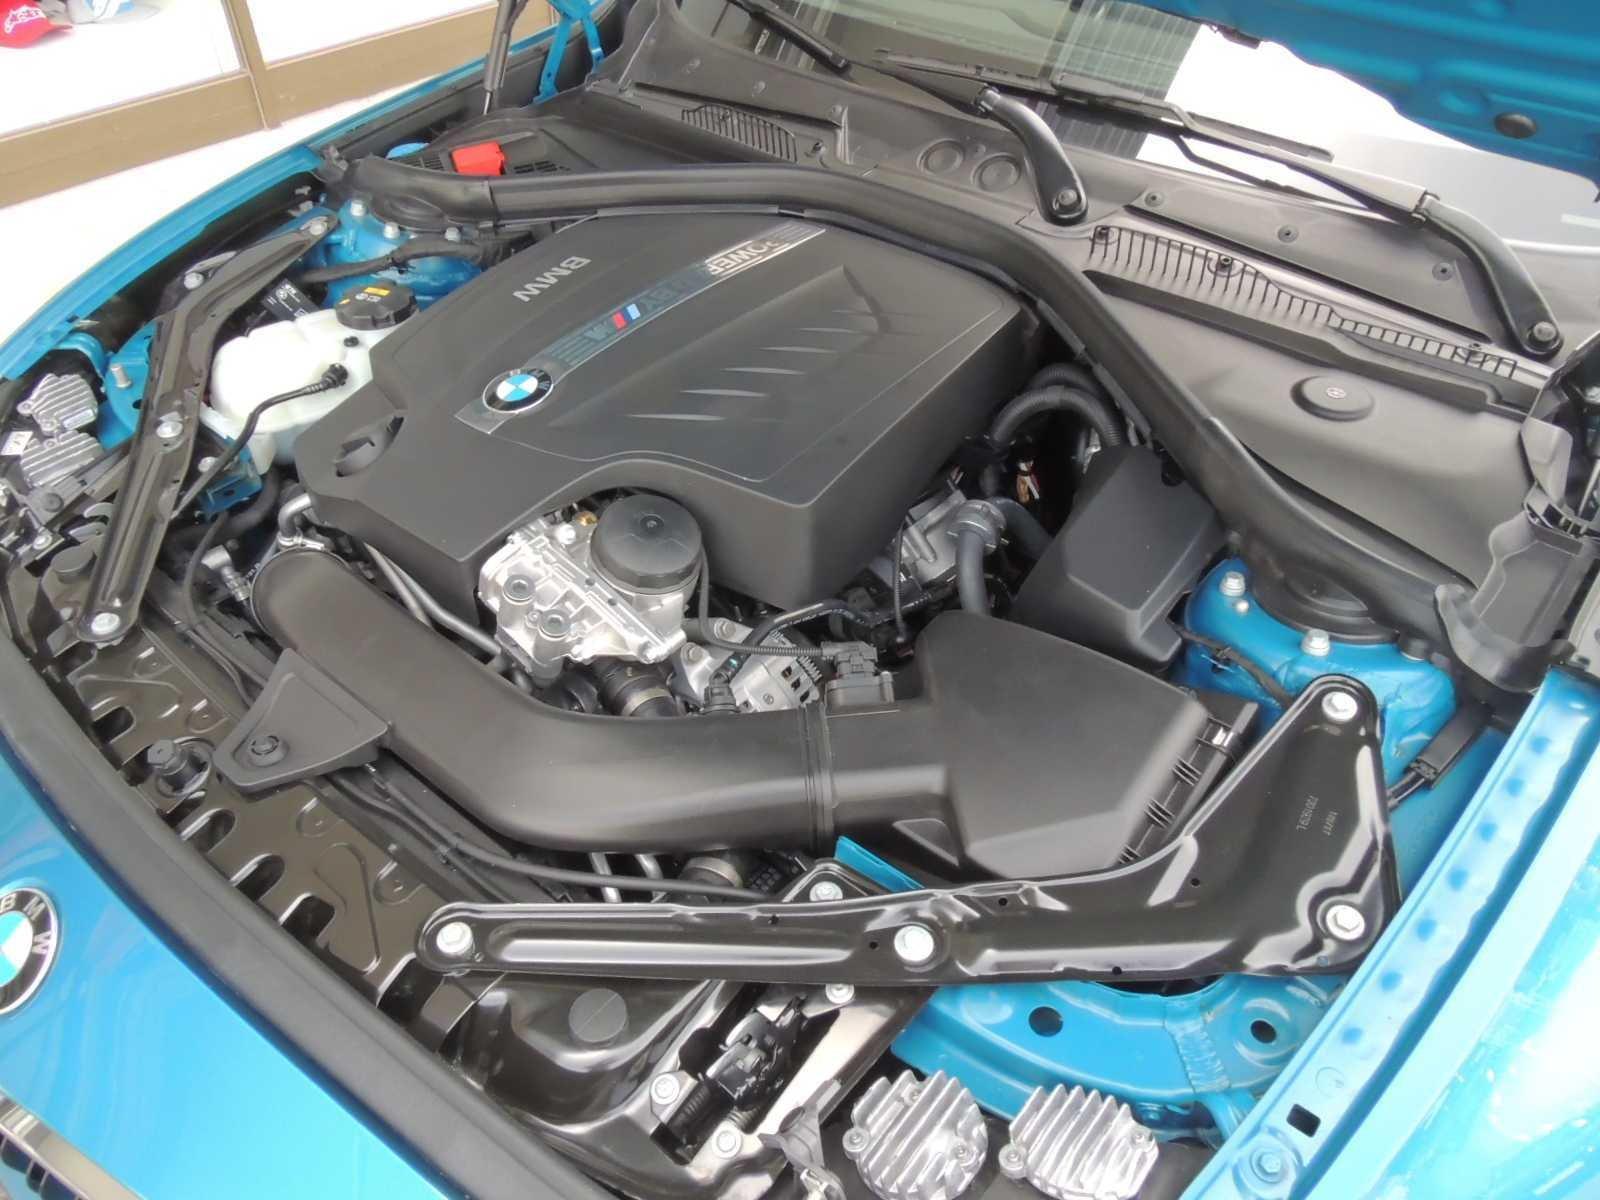 bmw-m2-3-0l-370-cv-coupe-m-dkg7-2017-11